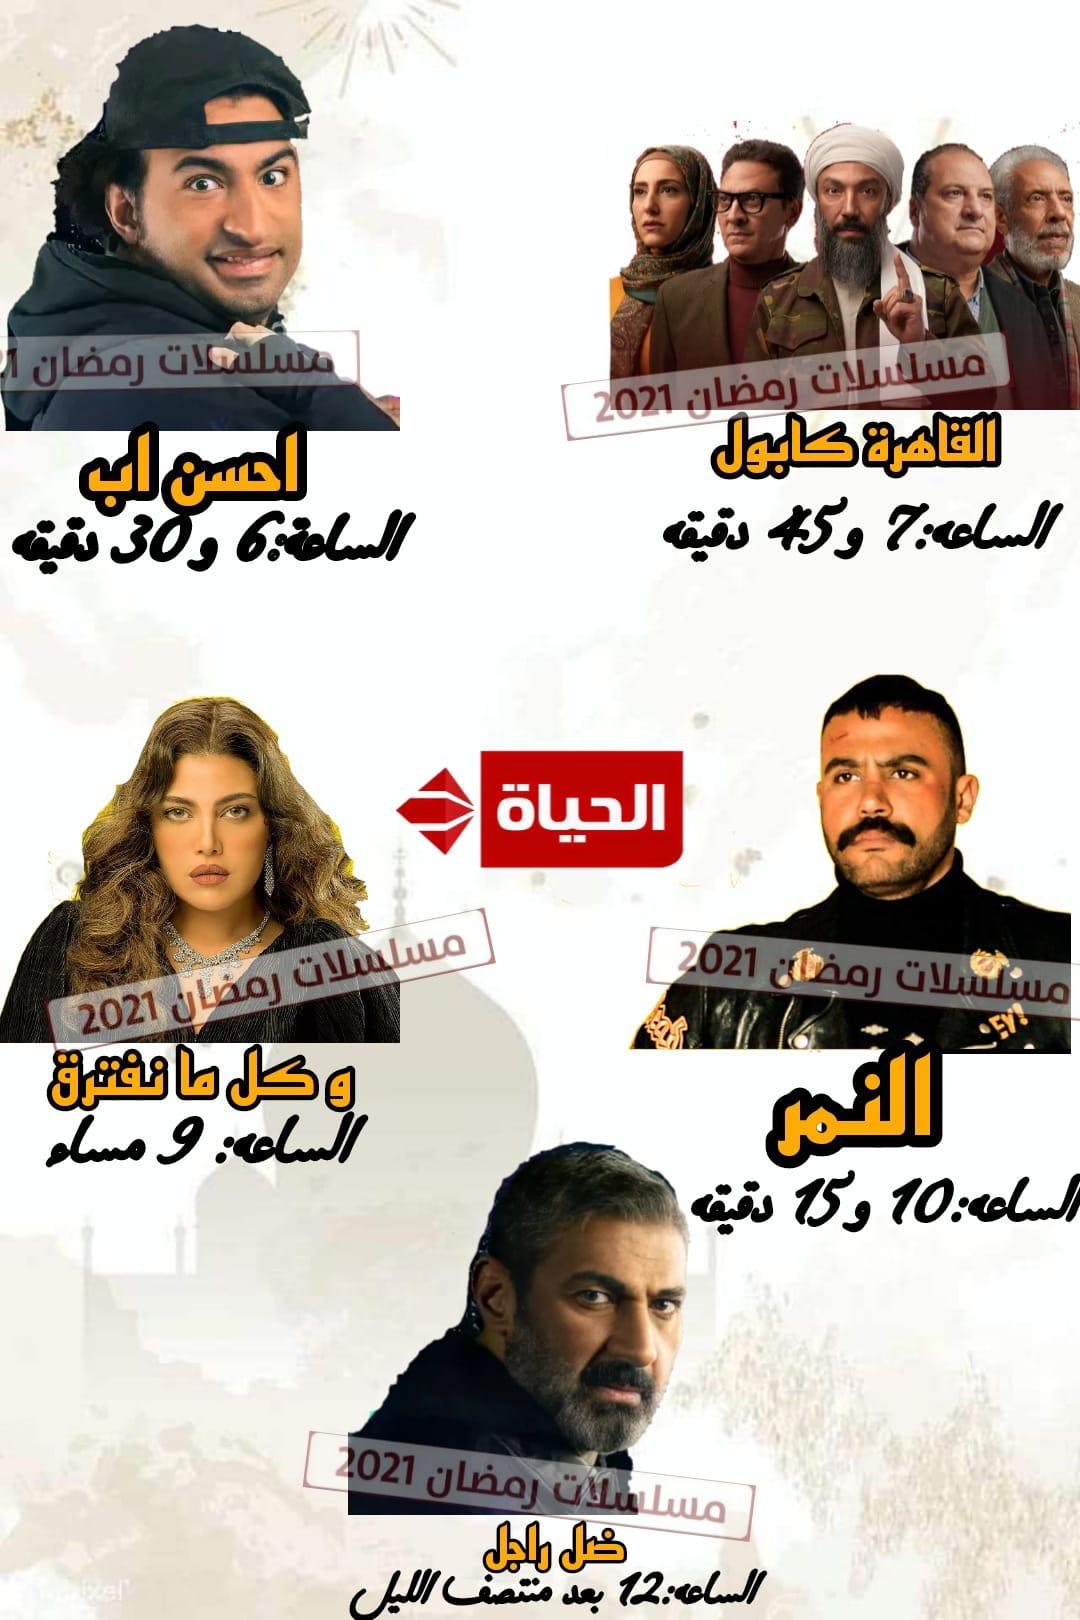 مسلسلات قناة الحياة في رمضان